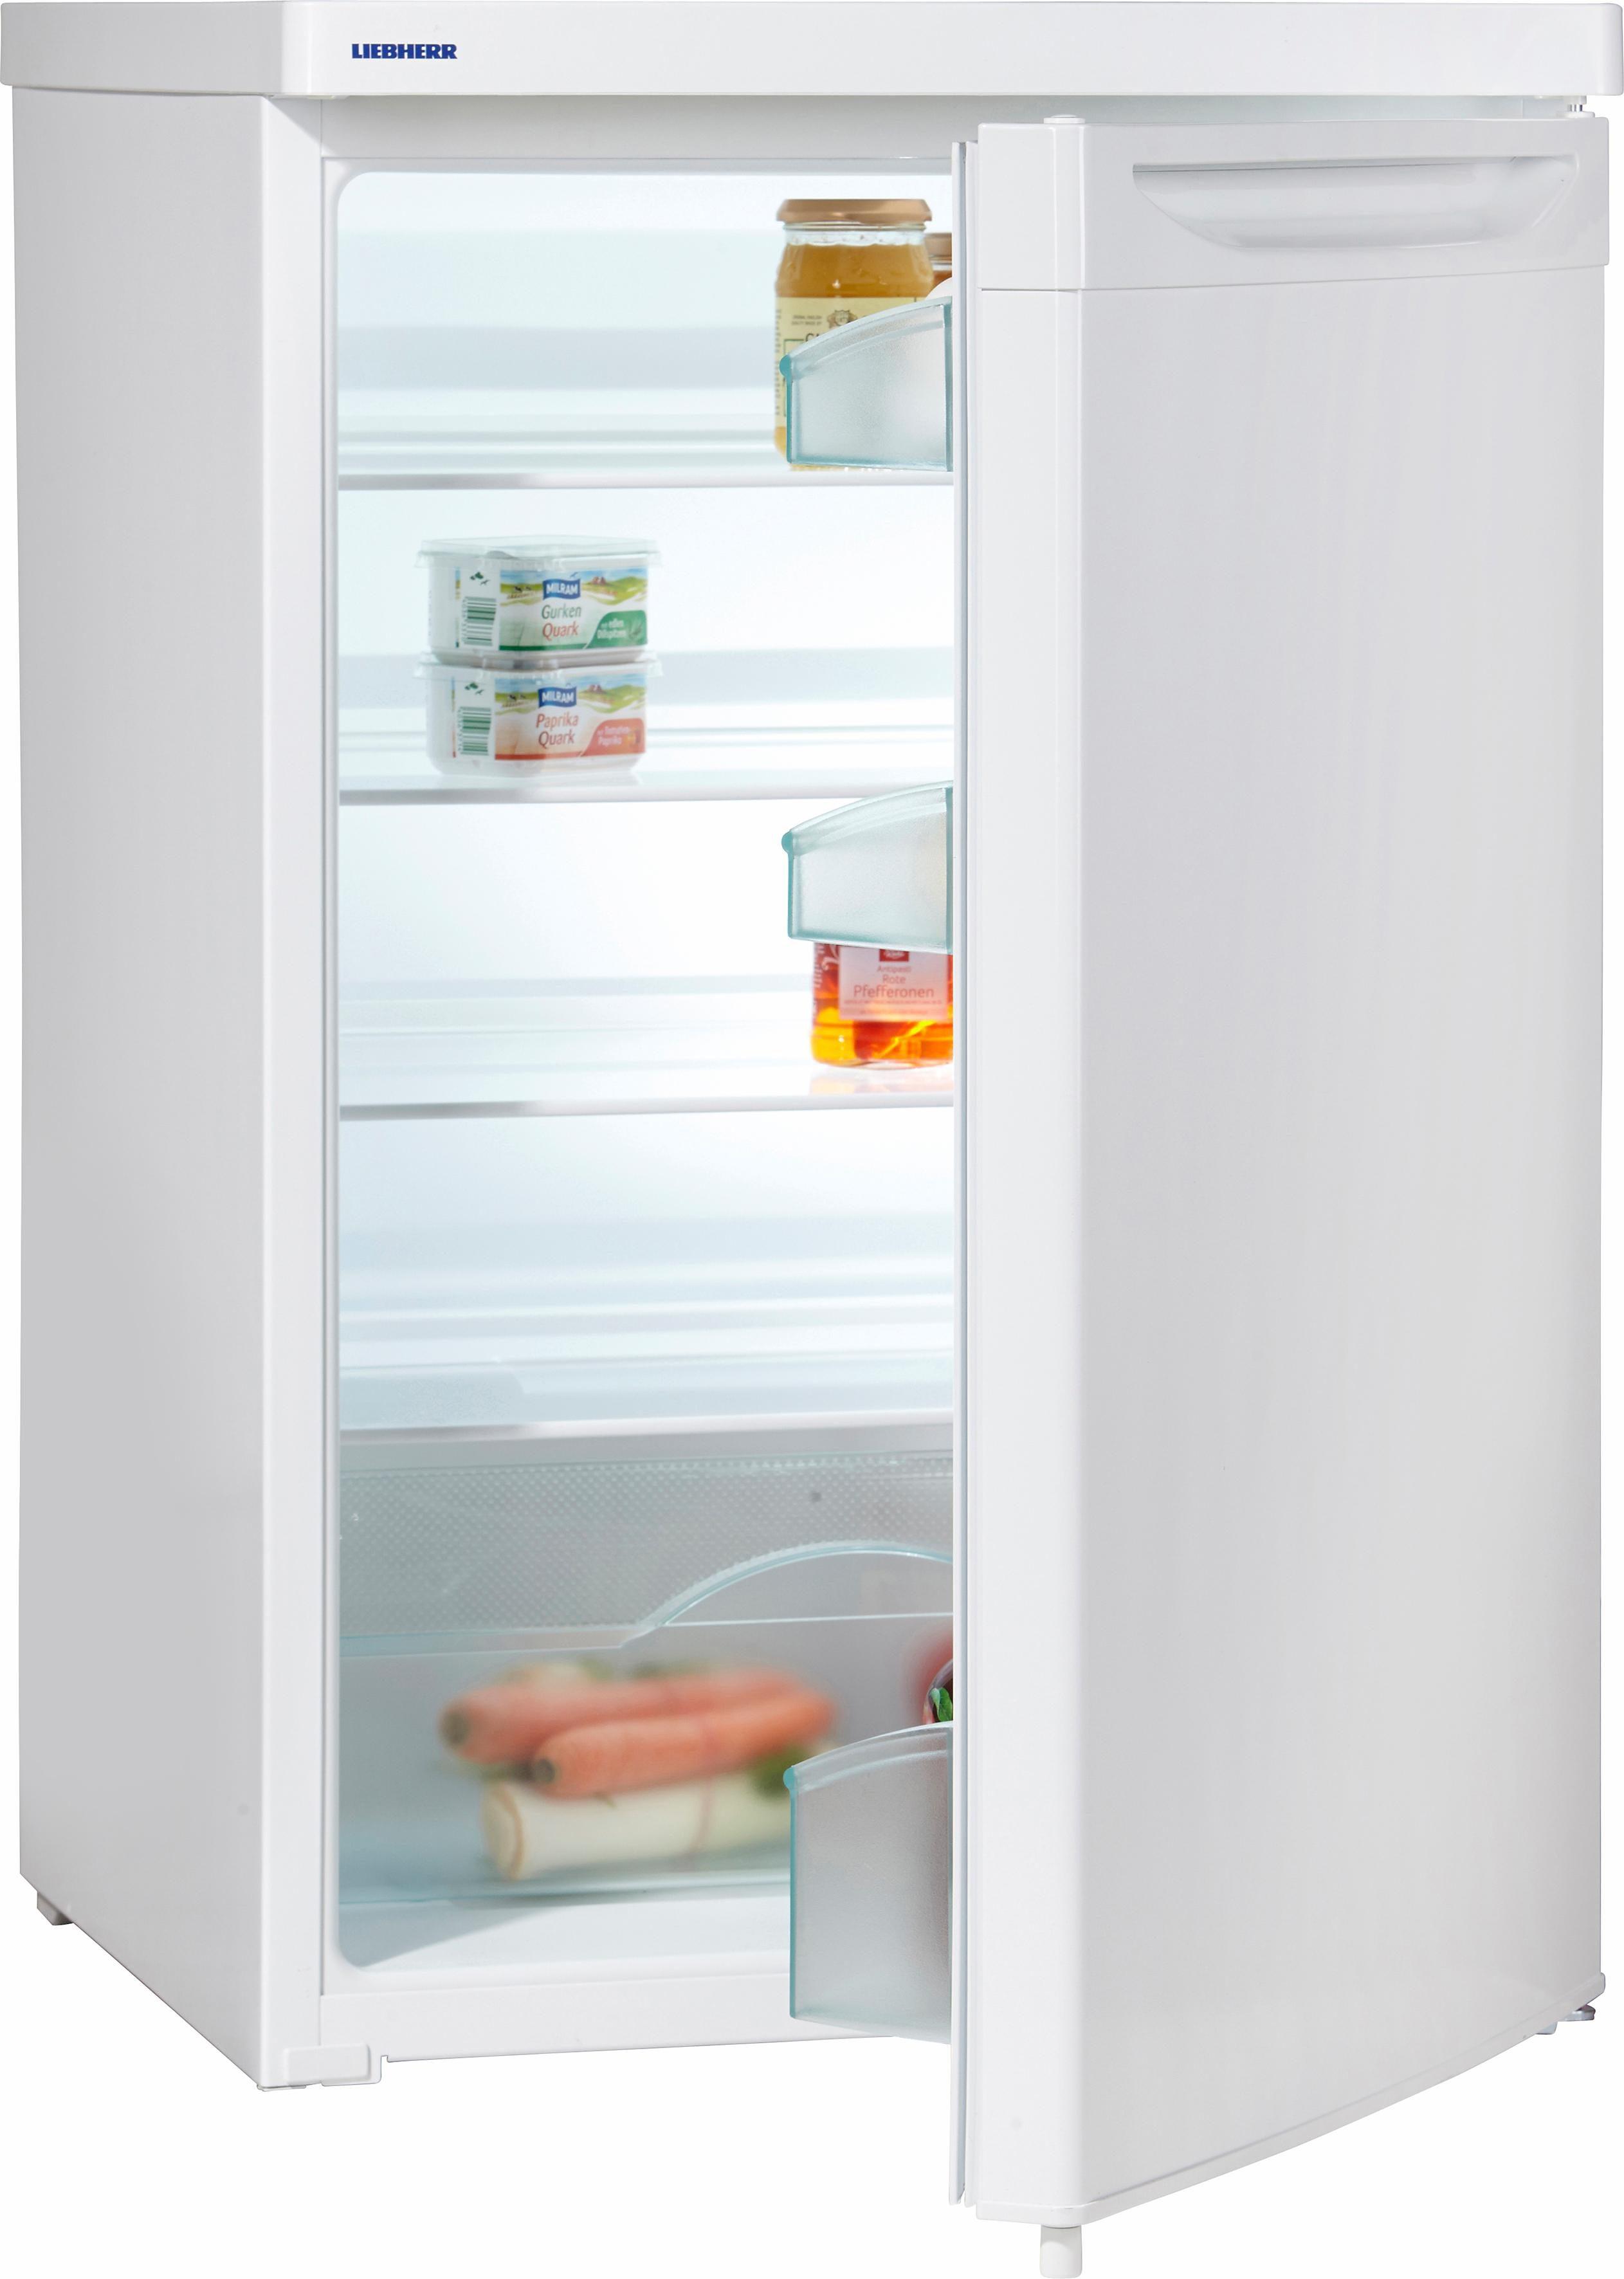 Liebherr Kühlschrank T 1700- 20, 85 cm hoch, 55,4 cm breit, A+, 85 cm hoch